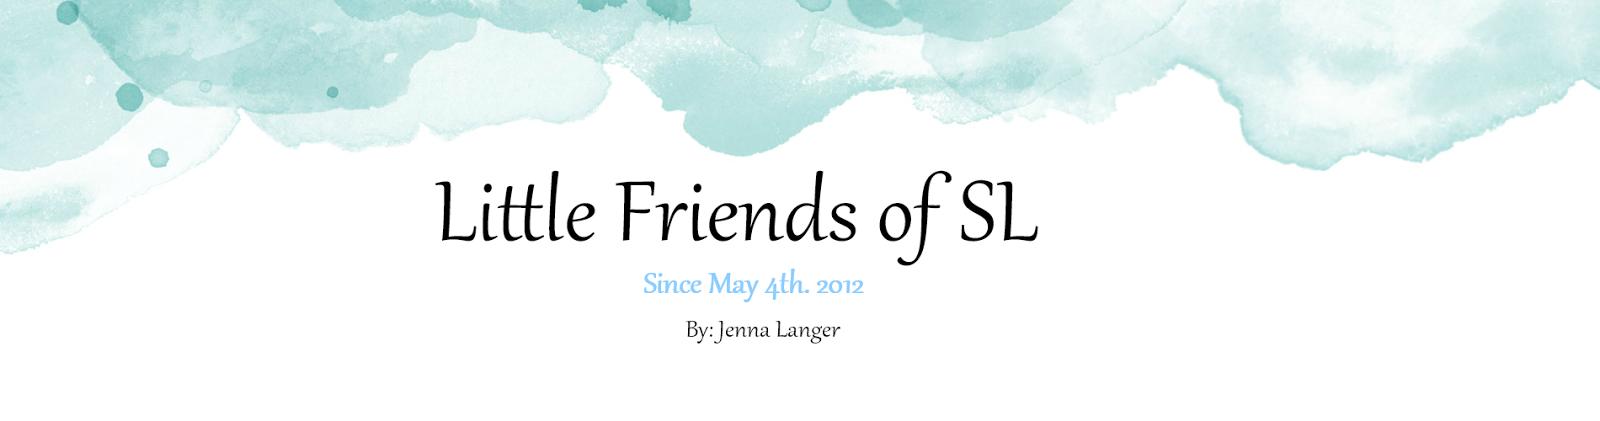 -Little Friends in SL-